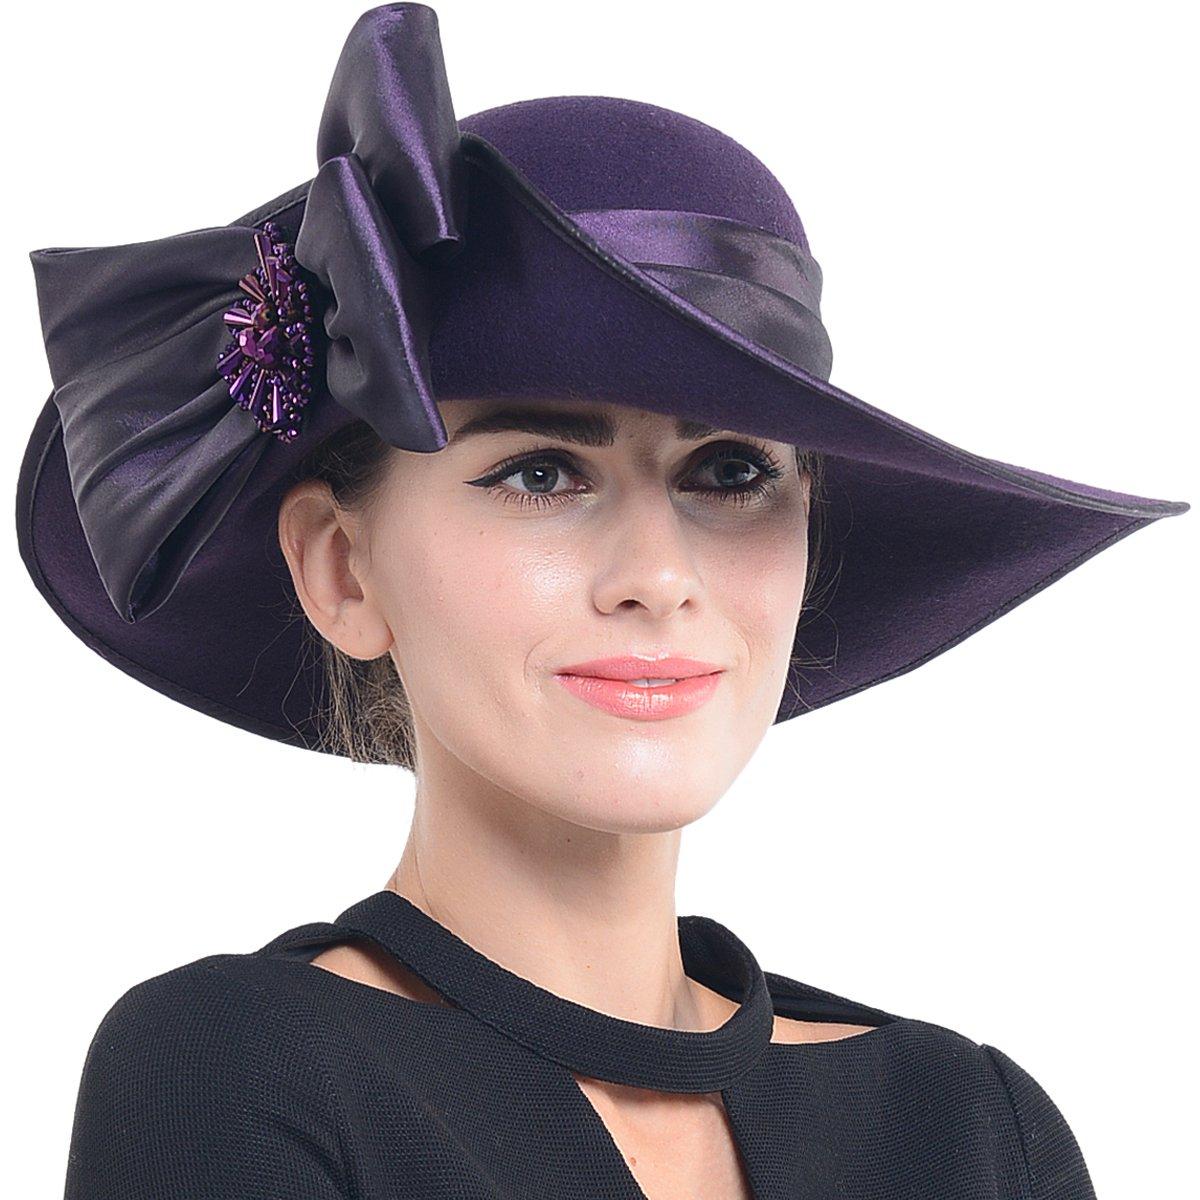 FORBUSITE Women Wool Felt Hats Church Dress Hat for Winter, Vintage Handmade Purple